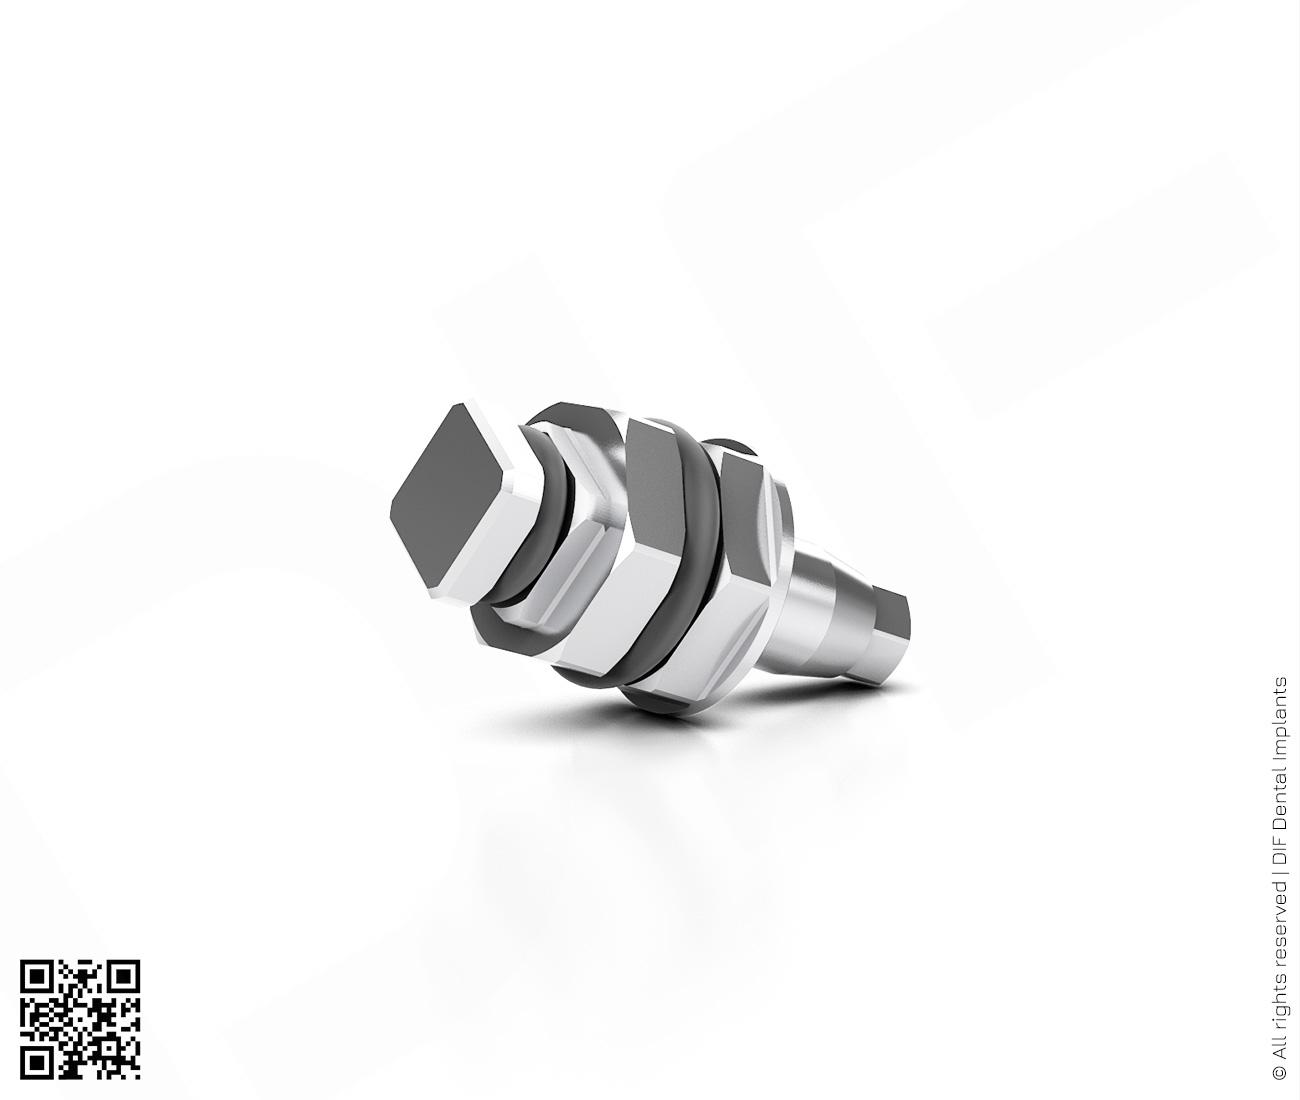 Фото отвертка имплантовод d2.5 мм – l6.0 мм  производства DIF.